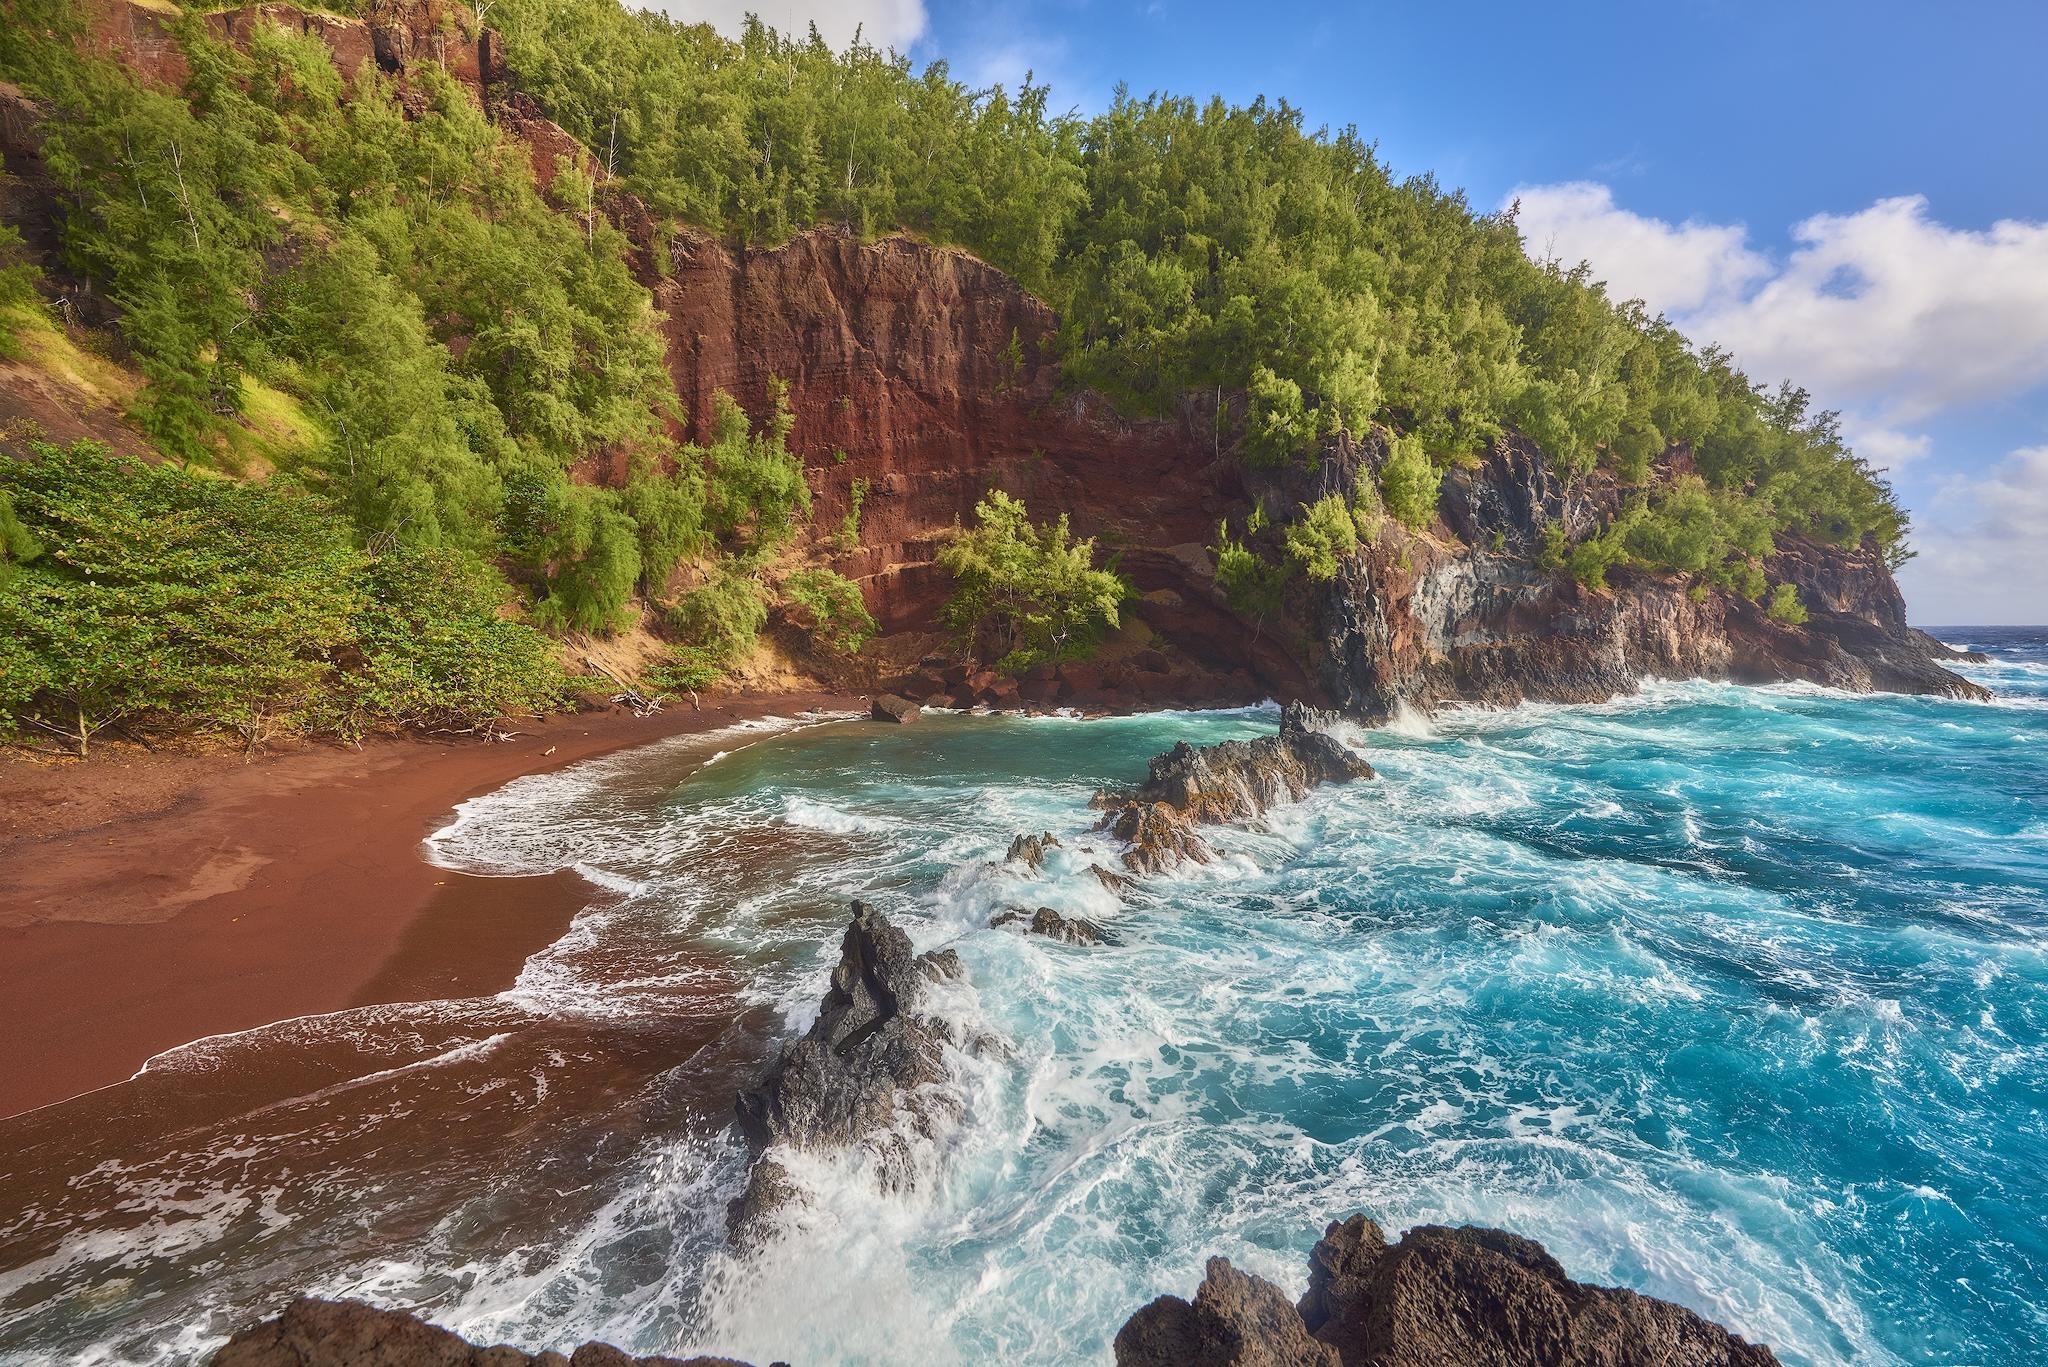 обои море, берег, волны, скалы картинки фото